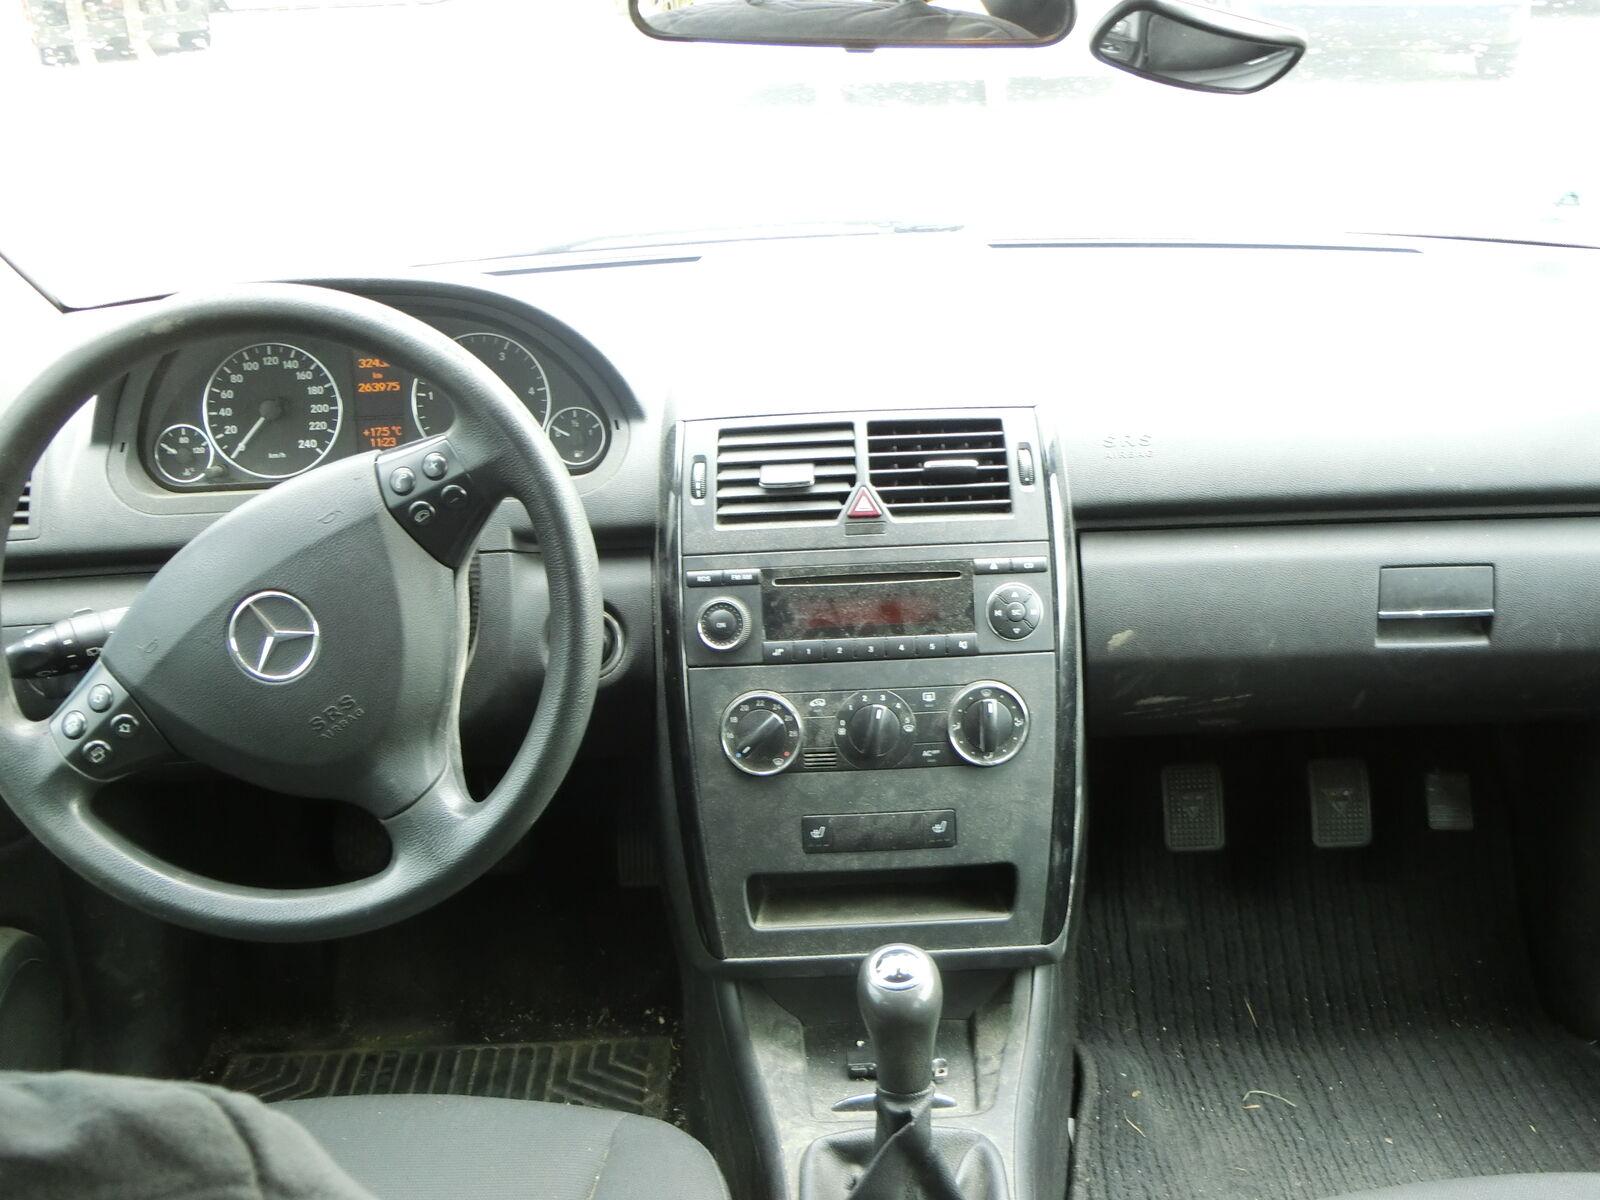 Lambdasonde für Mercedes W169 A180 04 08 CDI 2 0 80KW